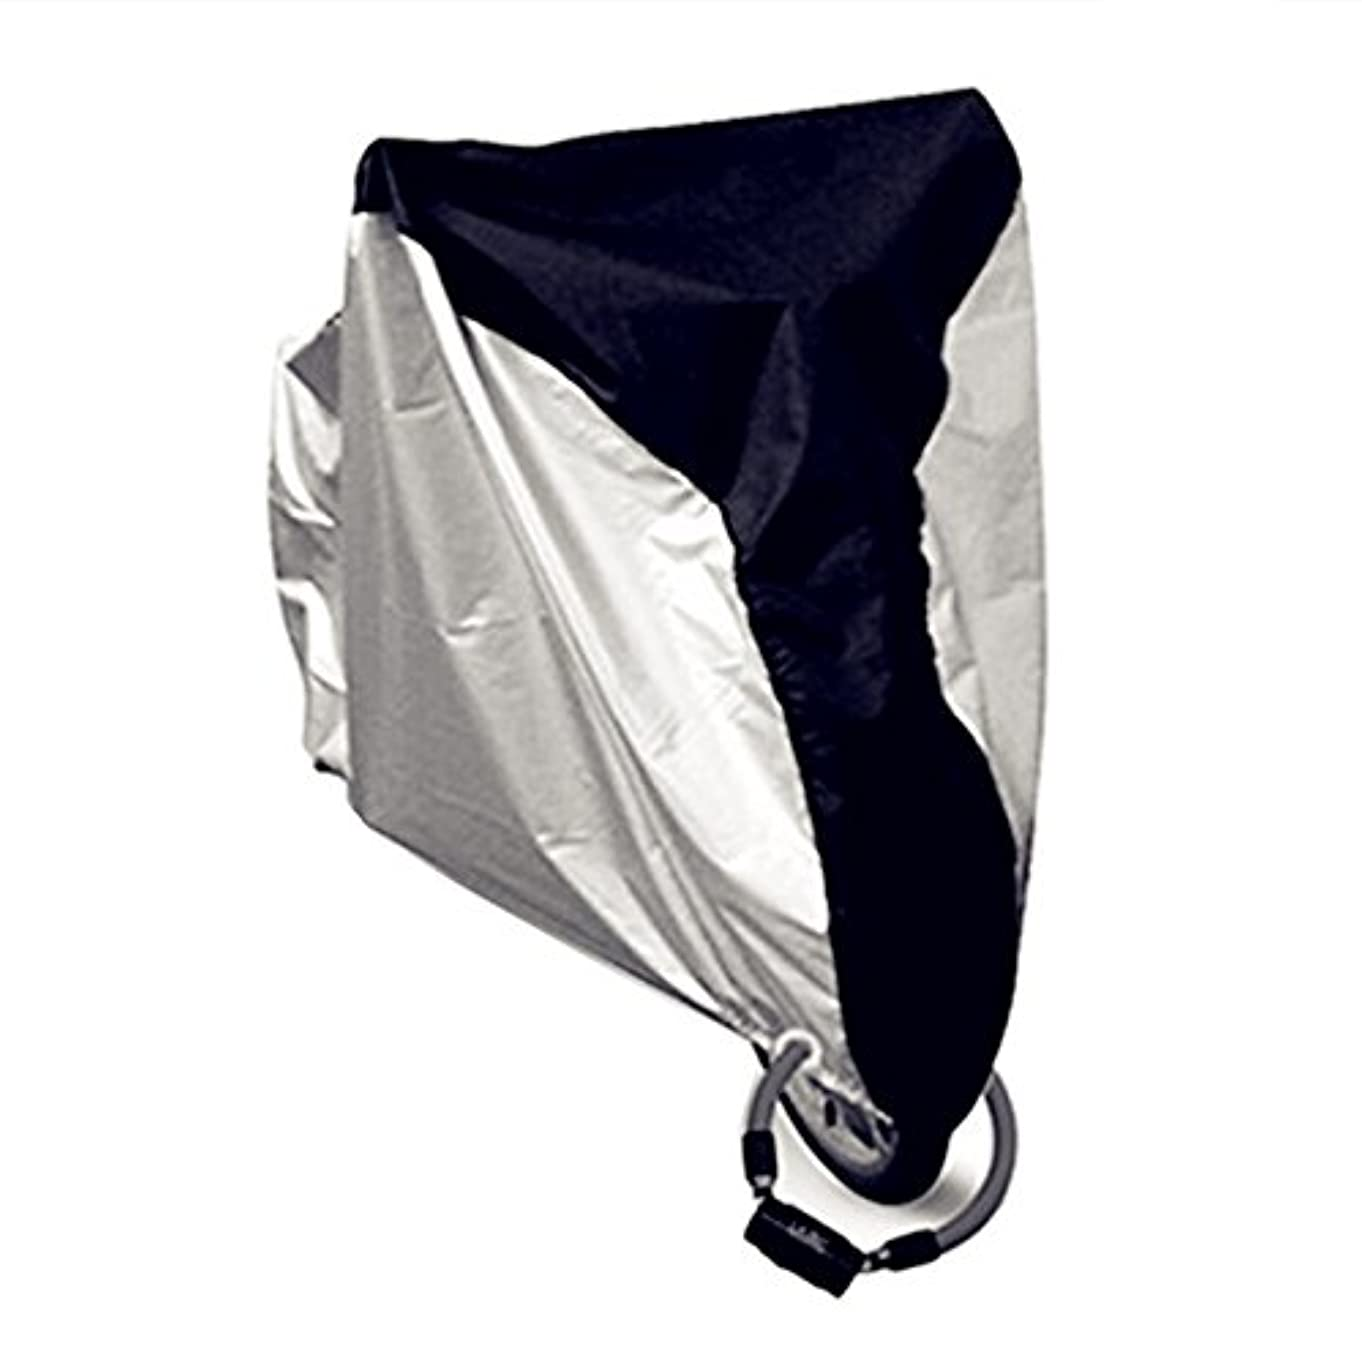 魅惑的な逆説キロメートル自転車カバー サイクルカバー 厚手 日焼けとめ 撥水加工 防風 UVカット 29インチまで対応 収納袋付き